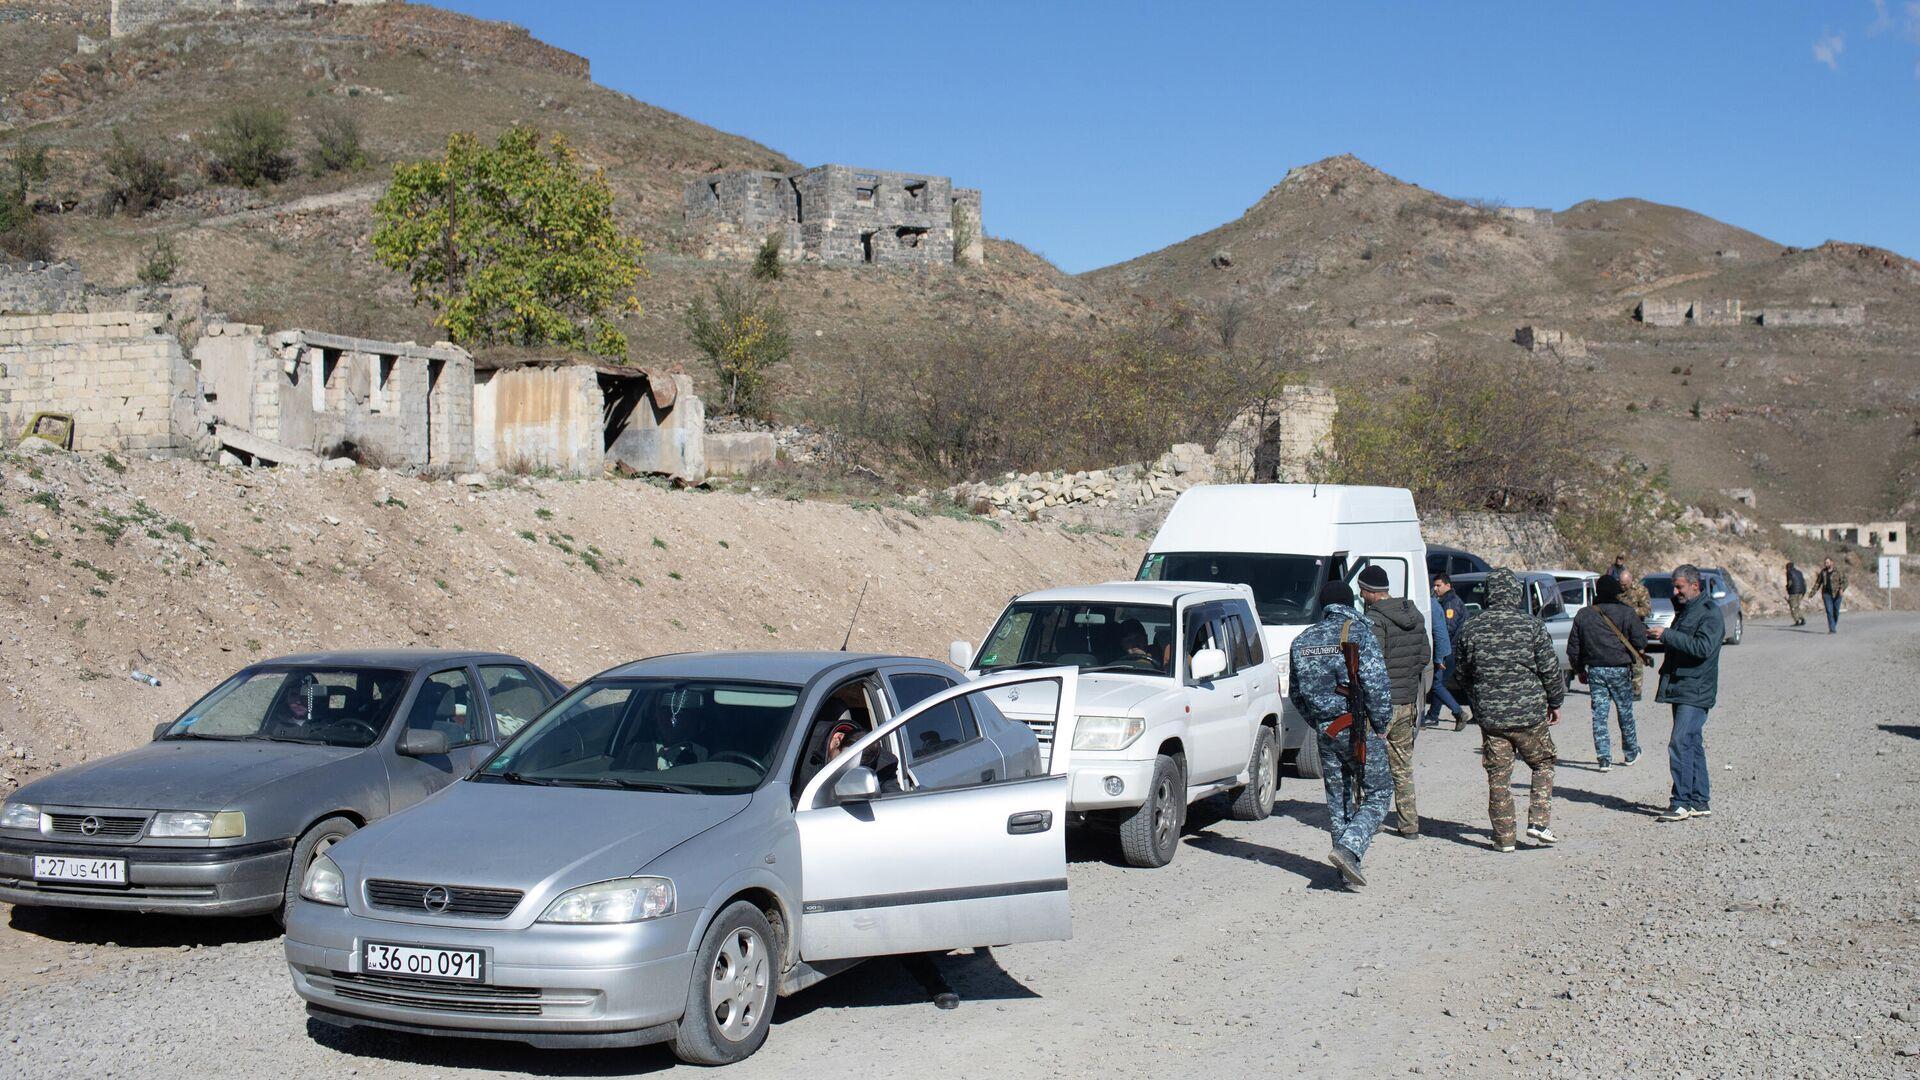 Местные жители, покидающие Нагорный Карабах, на пропускном пункте в районе города Карвачар - РИА Новости, 1920, 20.11.2020